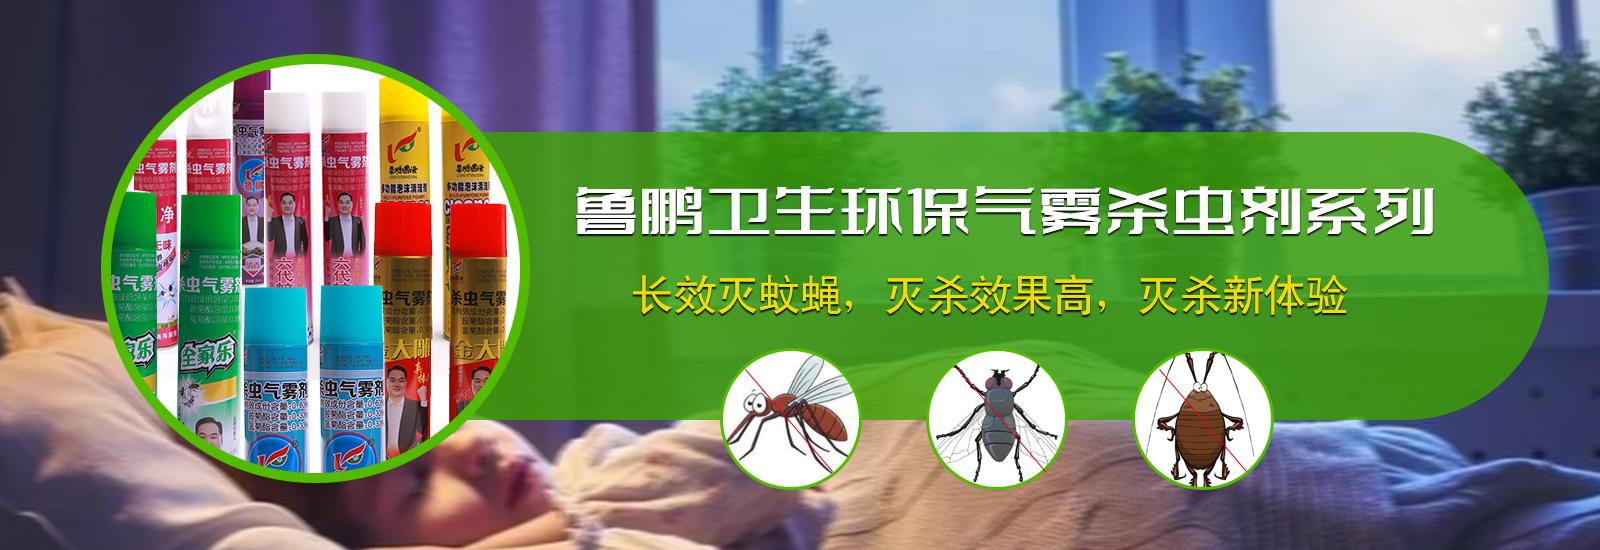 家用杀虫剂